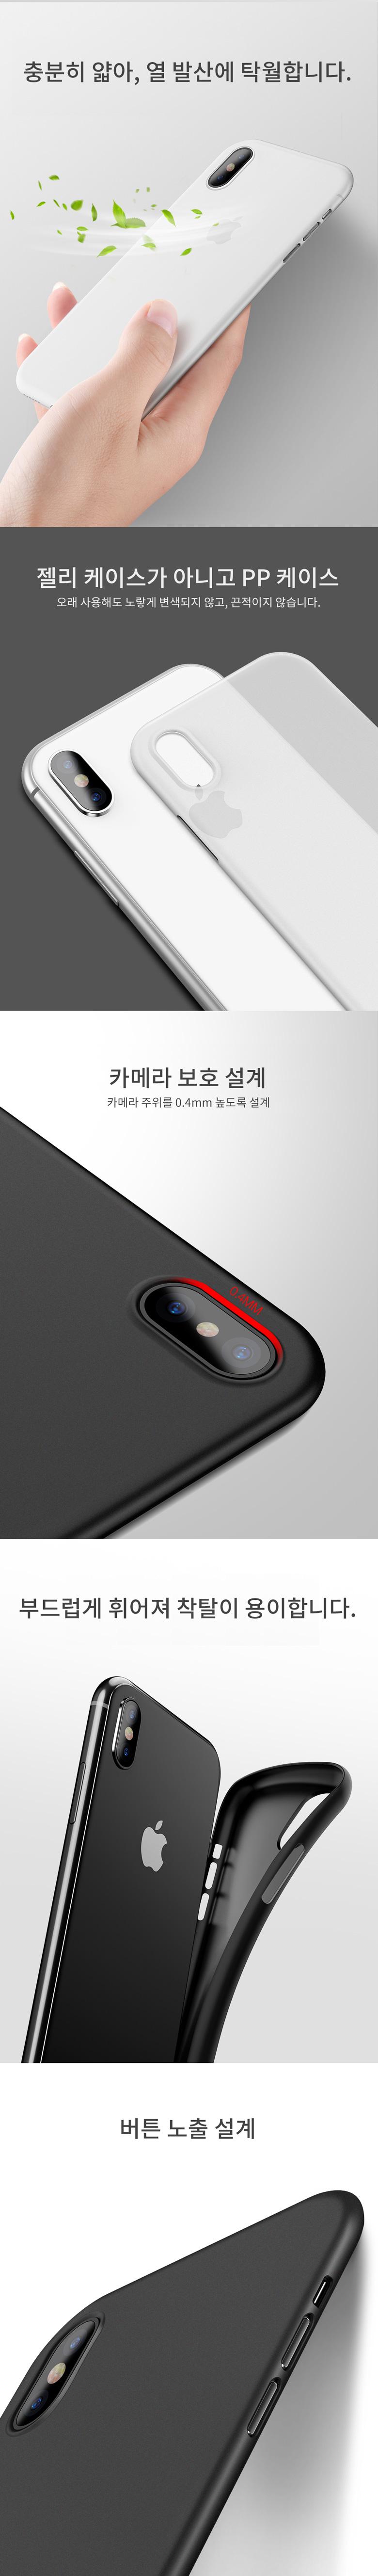 (아이폰X) 초슬림 PP 매트 케이스_깨짐없이 얇게 - 라이노, 6,900원, 케이스, 아이폰X